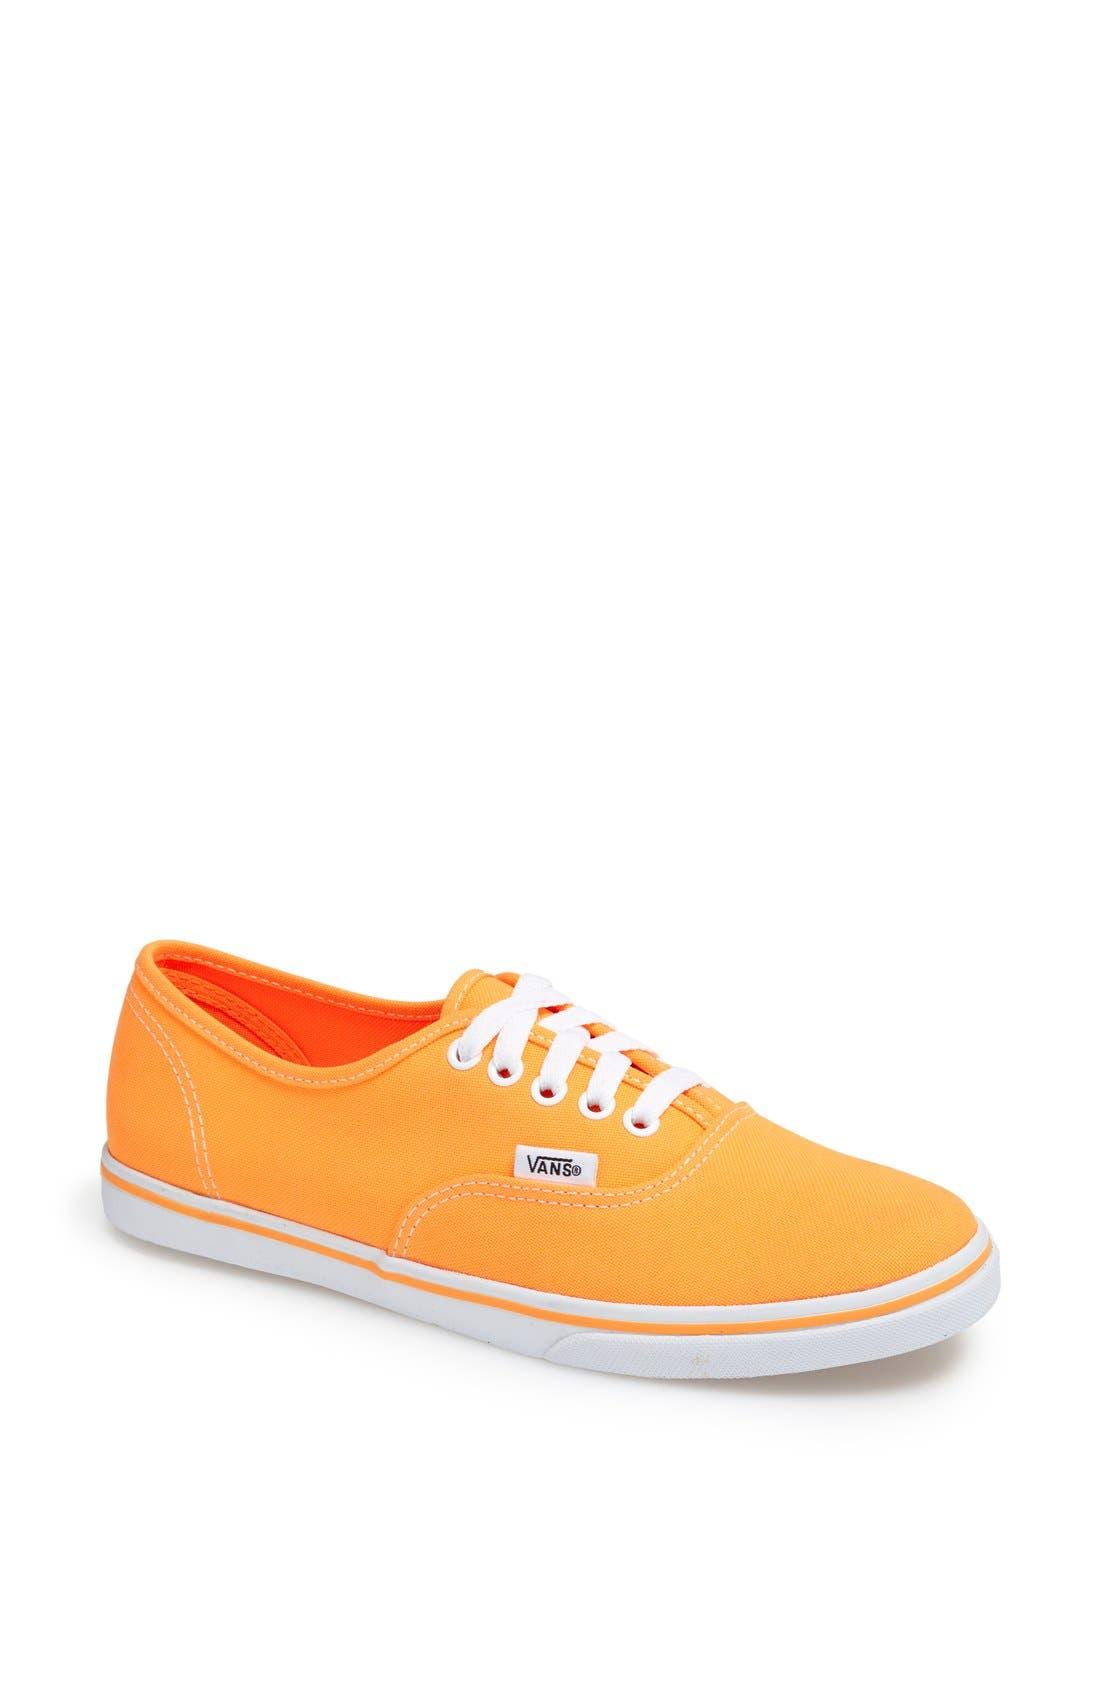 Main Image - Vans 'Authentic Lo Pro - Neon' Sneaker (Women)